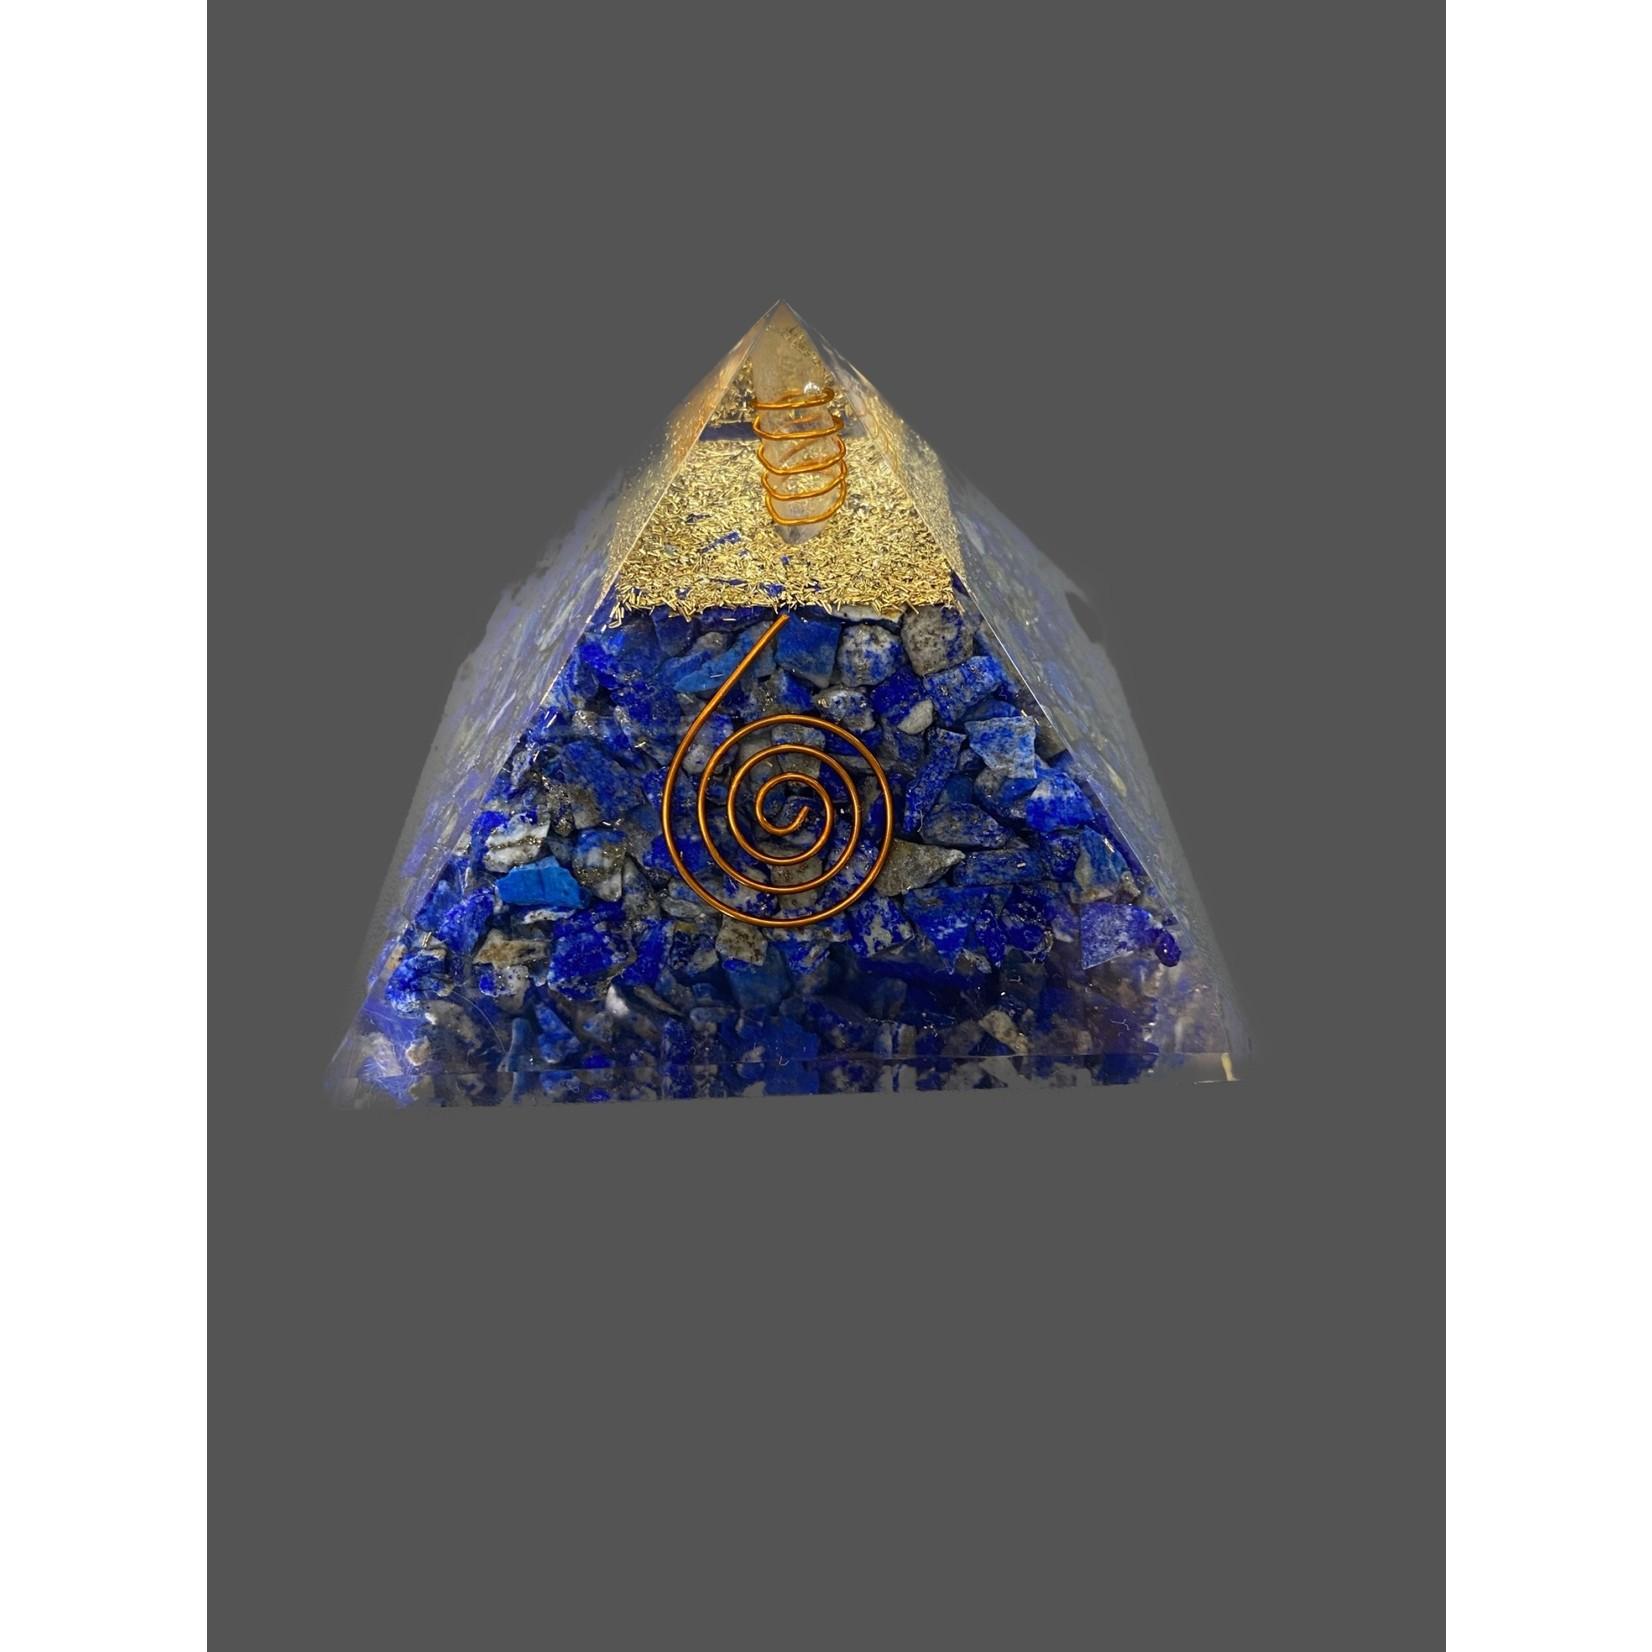 Piramide orgonite 9x9 lapislazuli